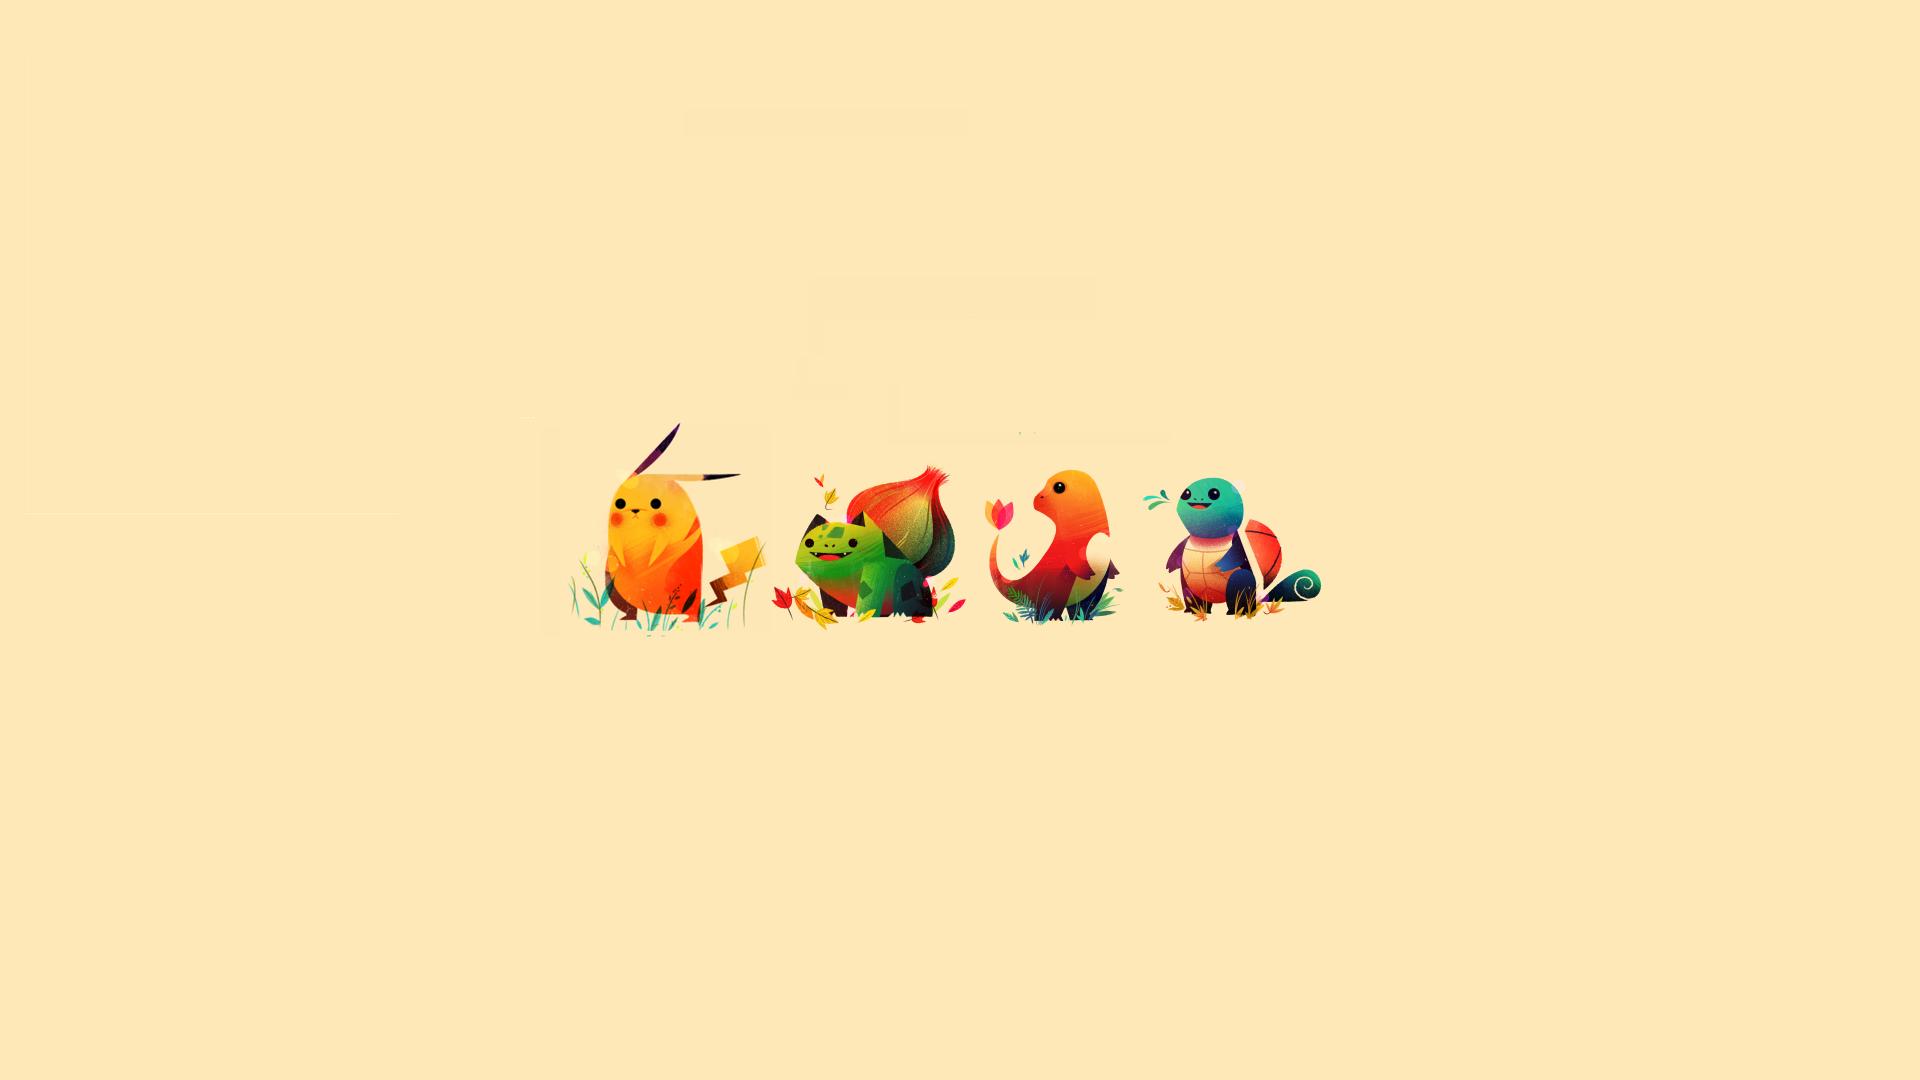 Pin By Popular Funny Memes Positive On Supa Cutsie Pokemon Backgrounds Cute Pokemon Wallpaper Cartoon Wallpaper